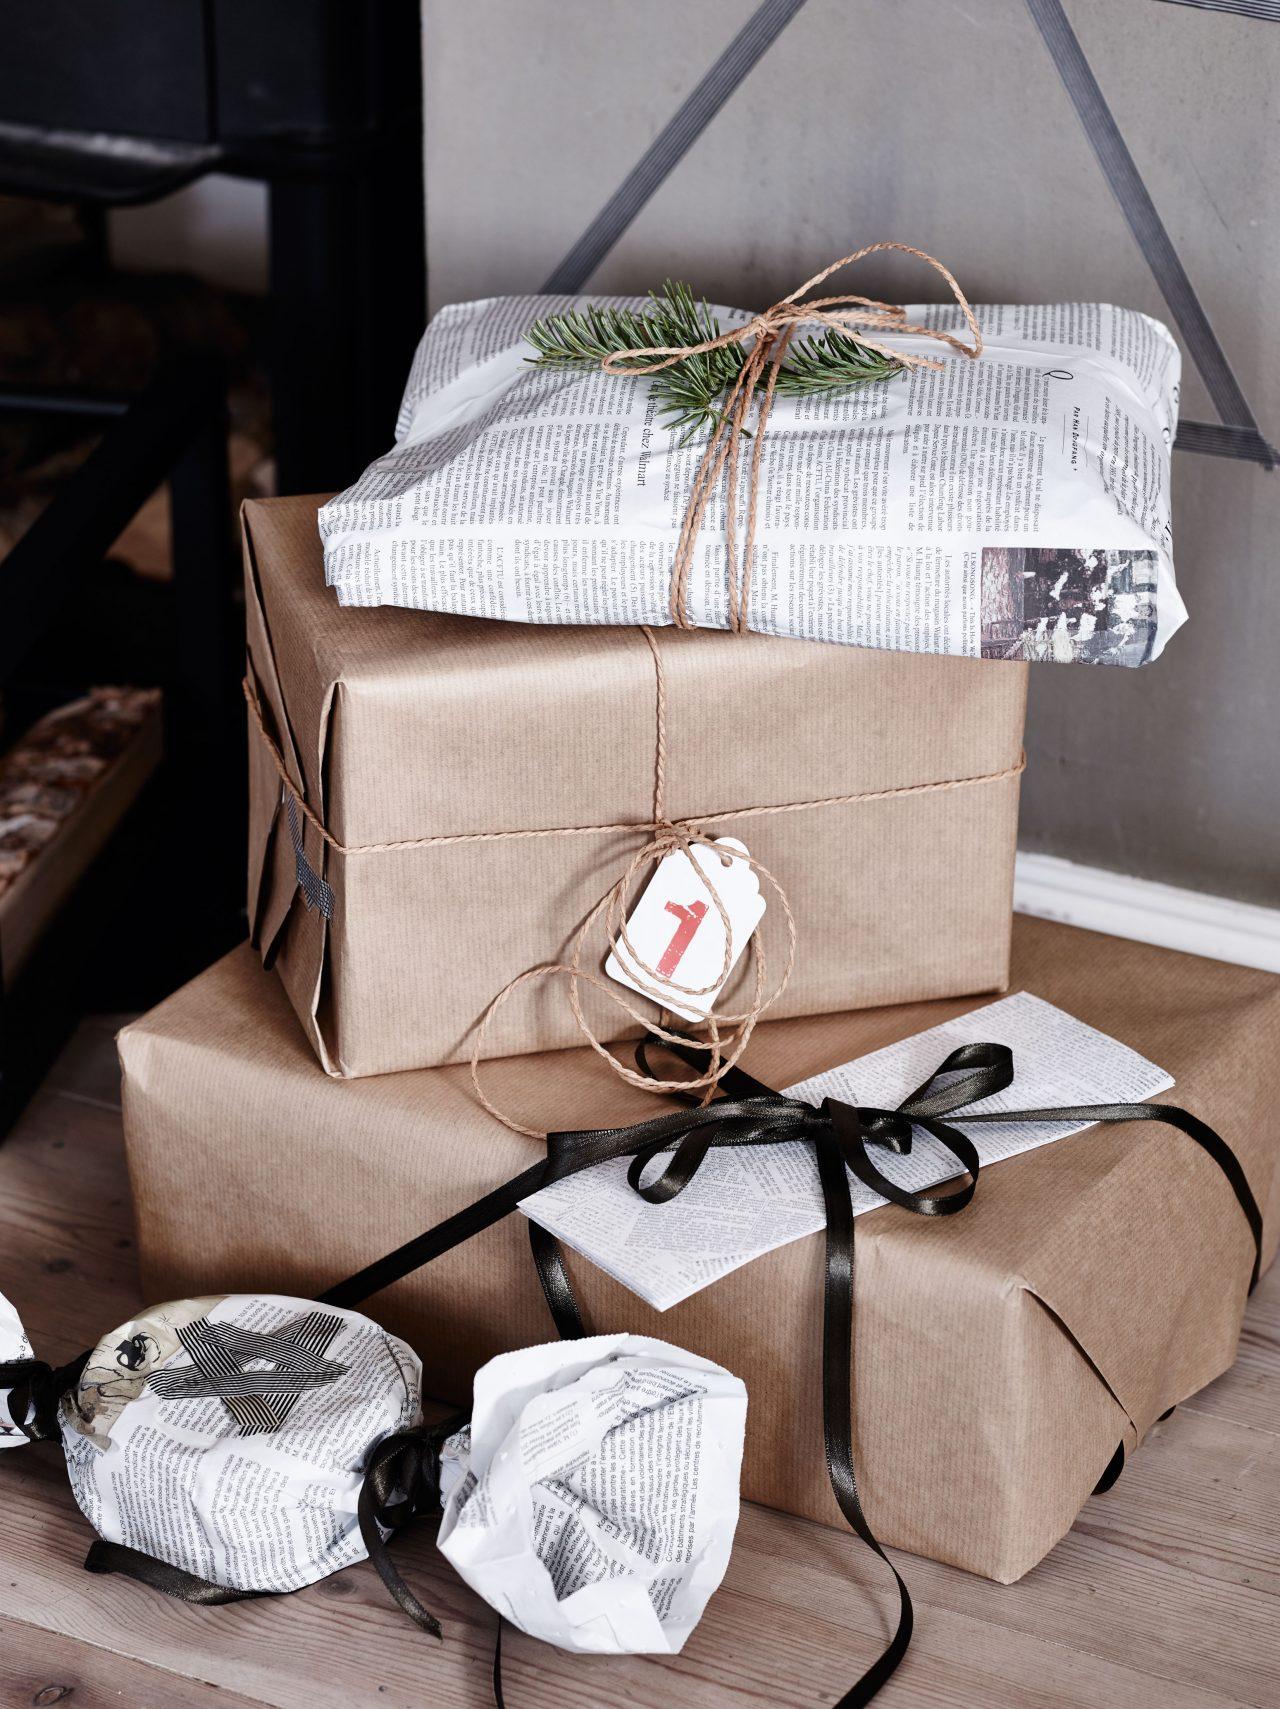 HARDE PAKKER: Vet du ikke hva du skal kjøpe i julegave? Da kan det være at noen av disse smarte redskapen er det godt alternativ.